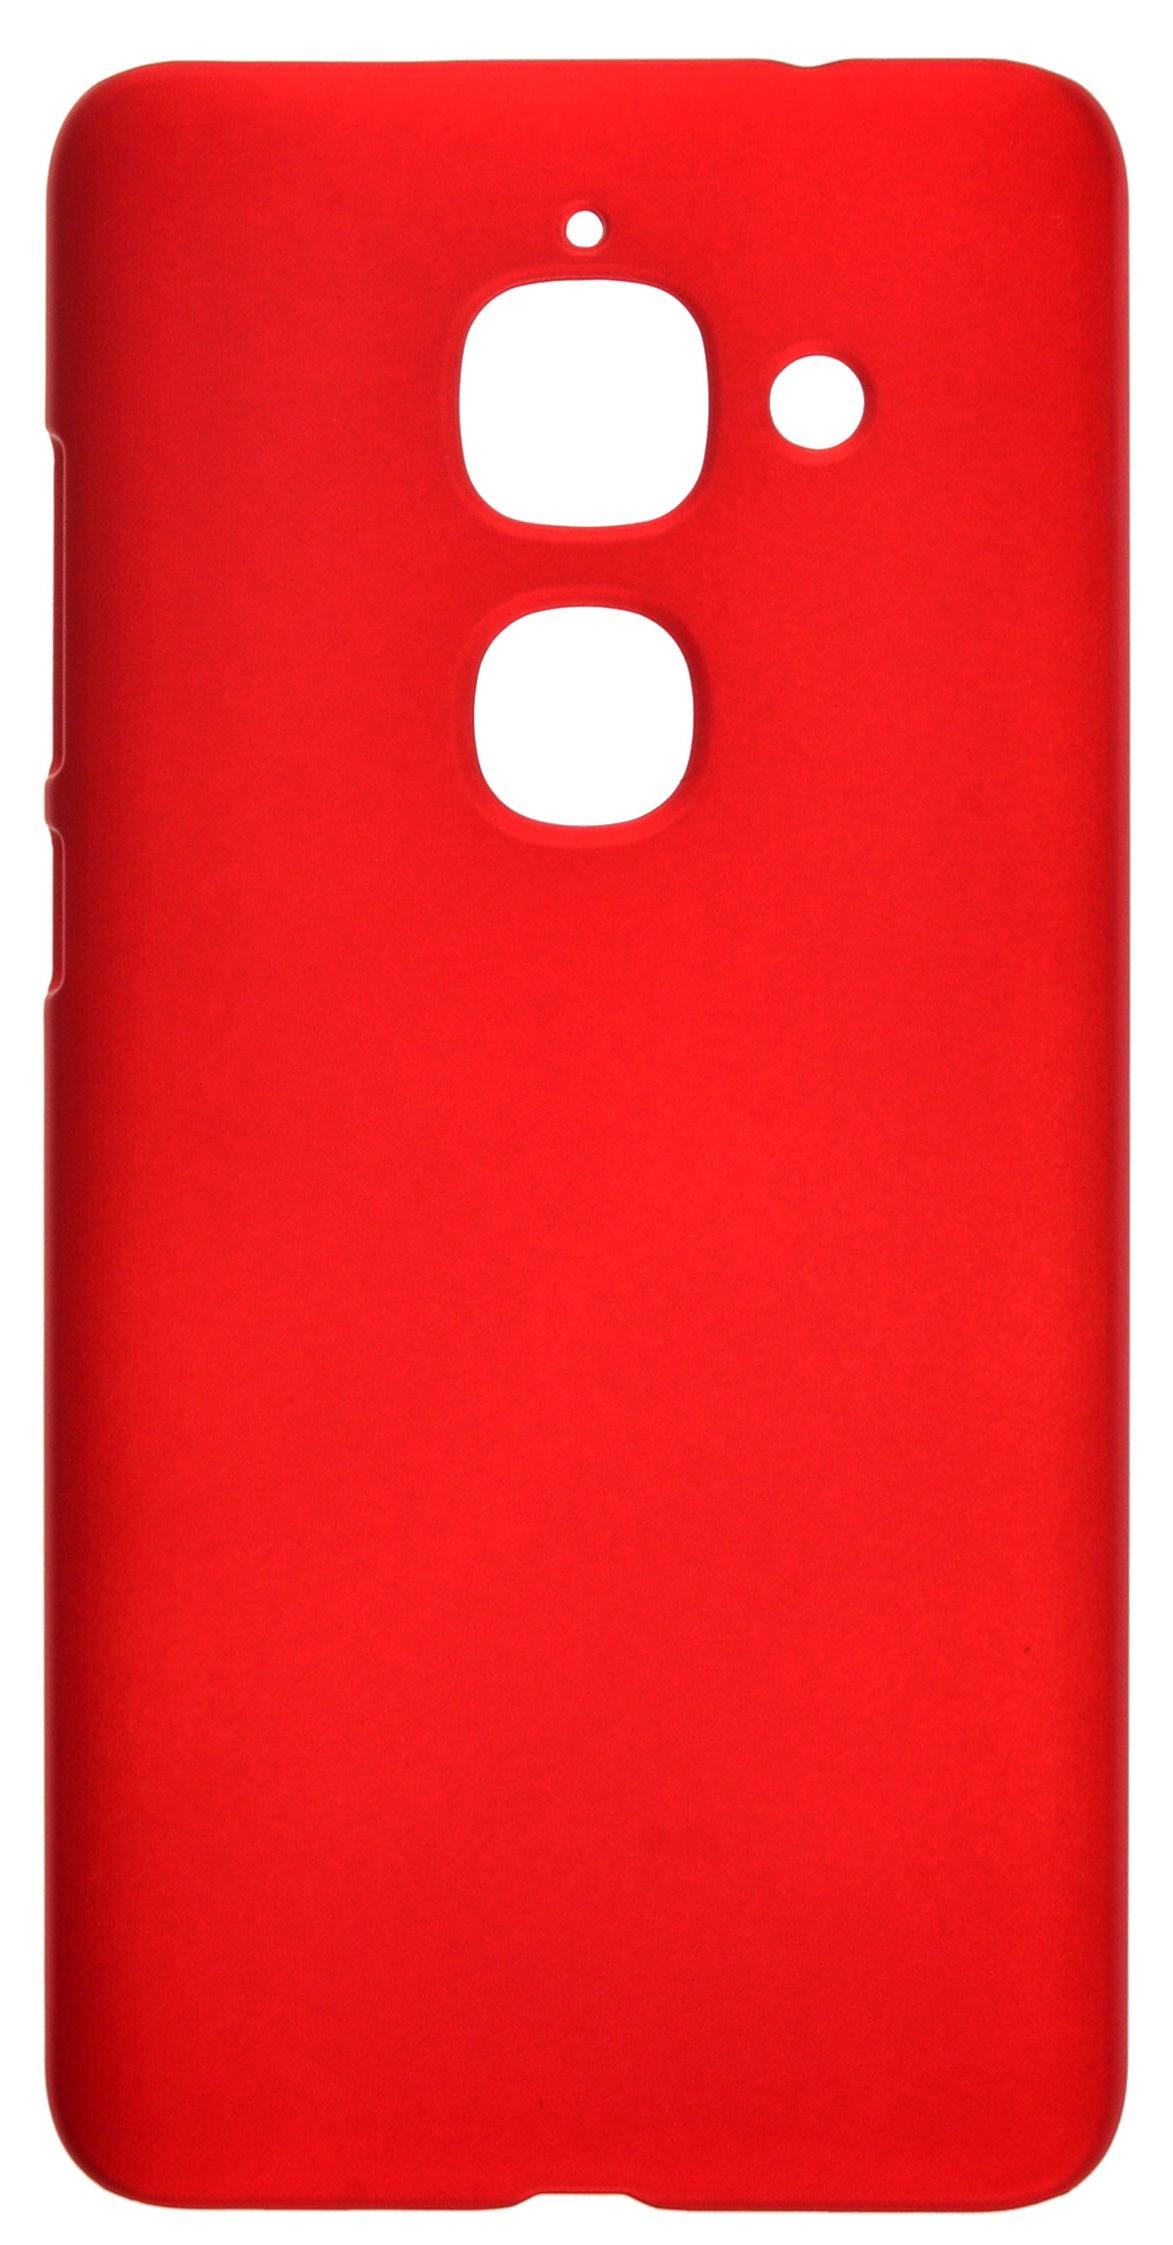 Чехол для сотового телефона skinBOX 4People, 4660041407716, красный чехол для lenovo a2010 skinbox 4people shield case черный